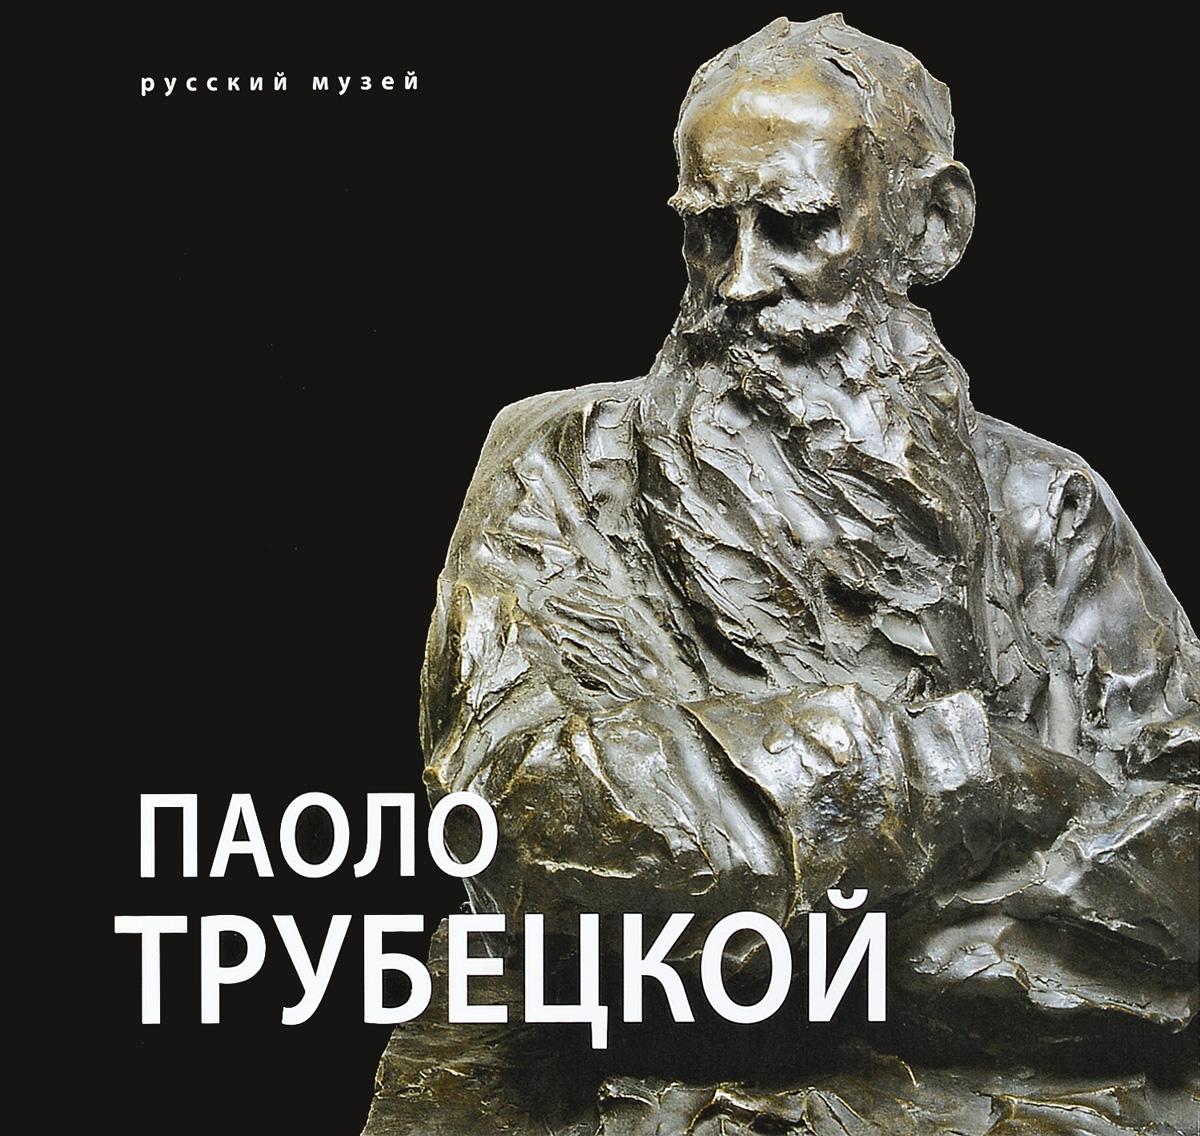 Паоло Трубецкой. К 150-летию со дня рождения формы для скульптур форму для изготовления скульптуры